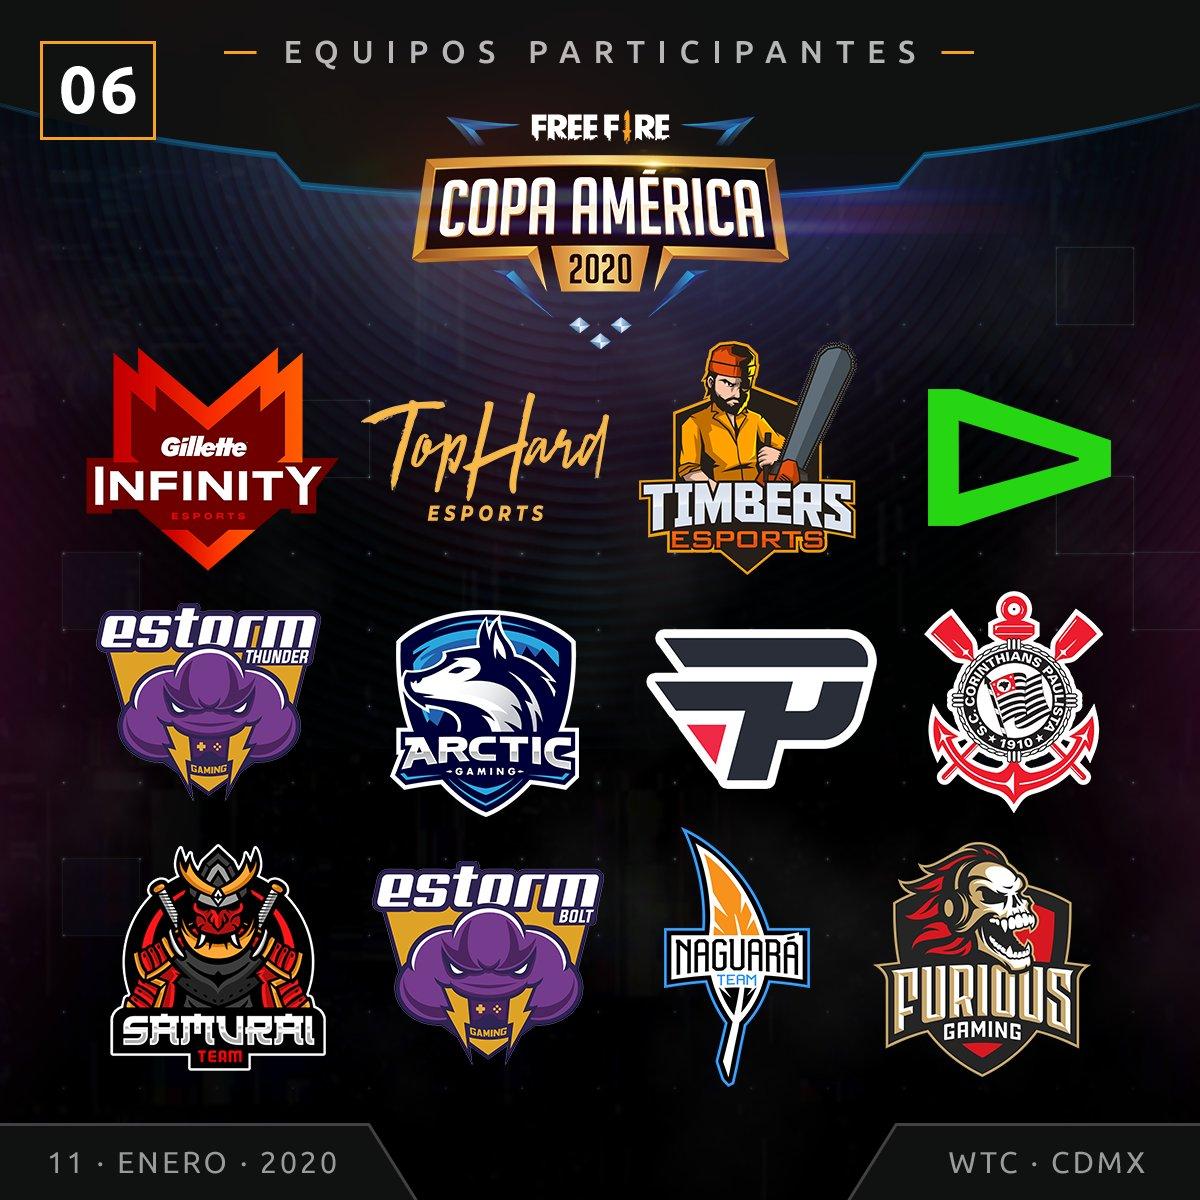 Competidores de la Copa América Free Fire